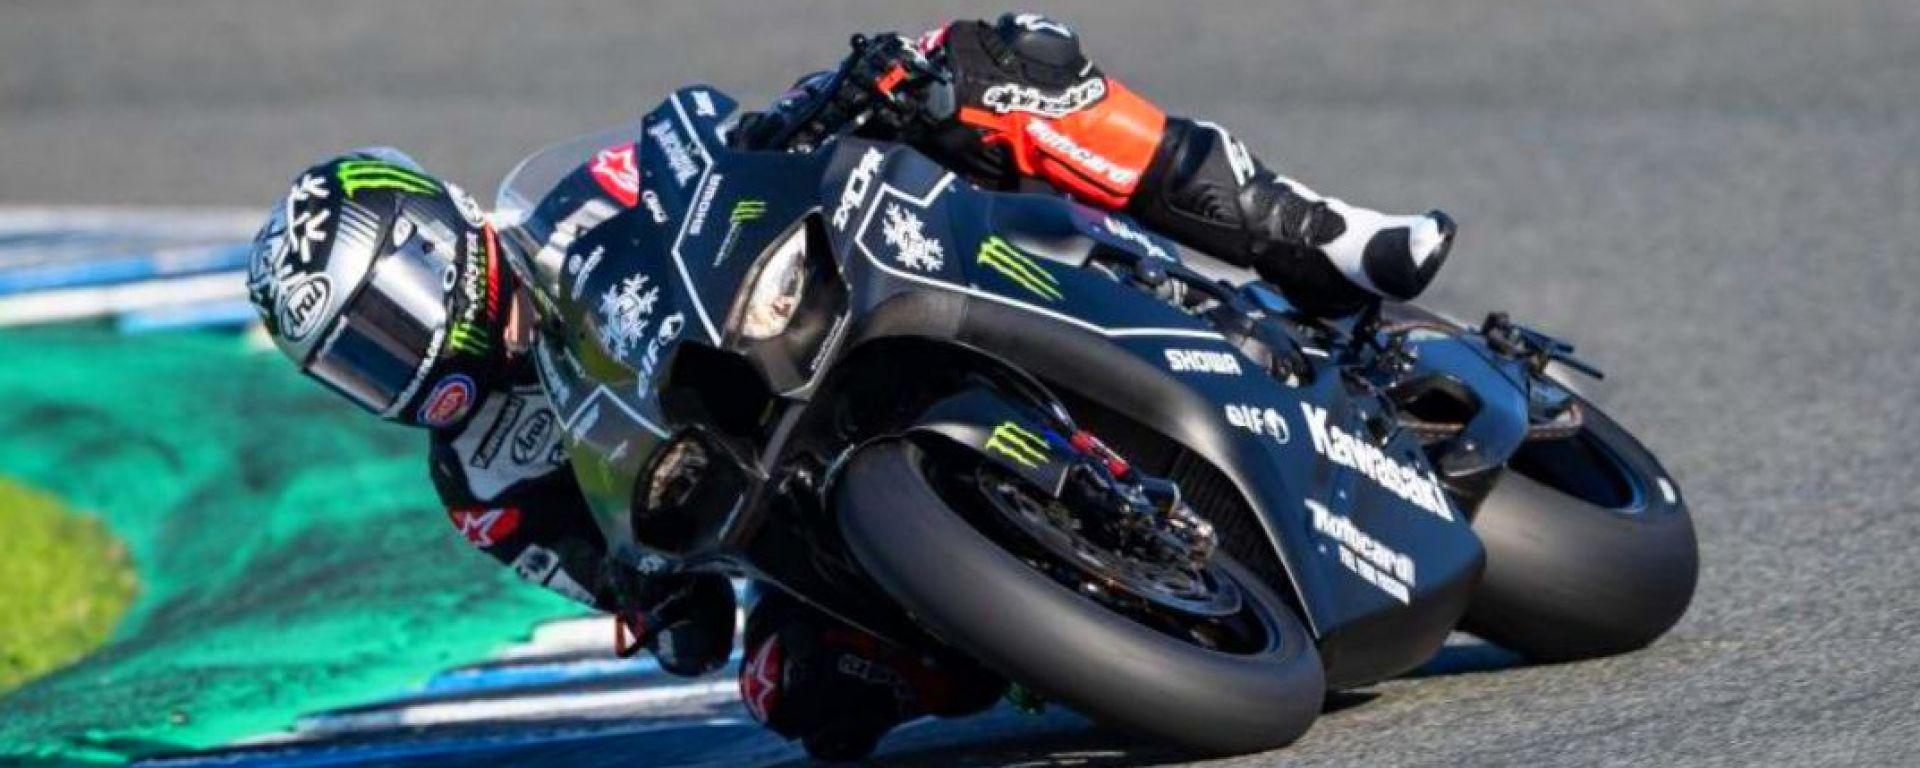 Rea in azione a Jerez in sella alla nuova Kawasaki ZX-10RR 2021